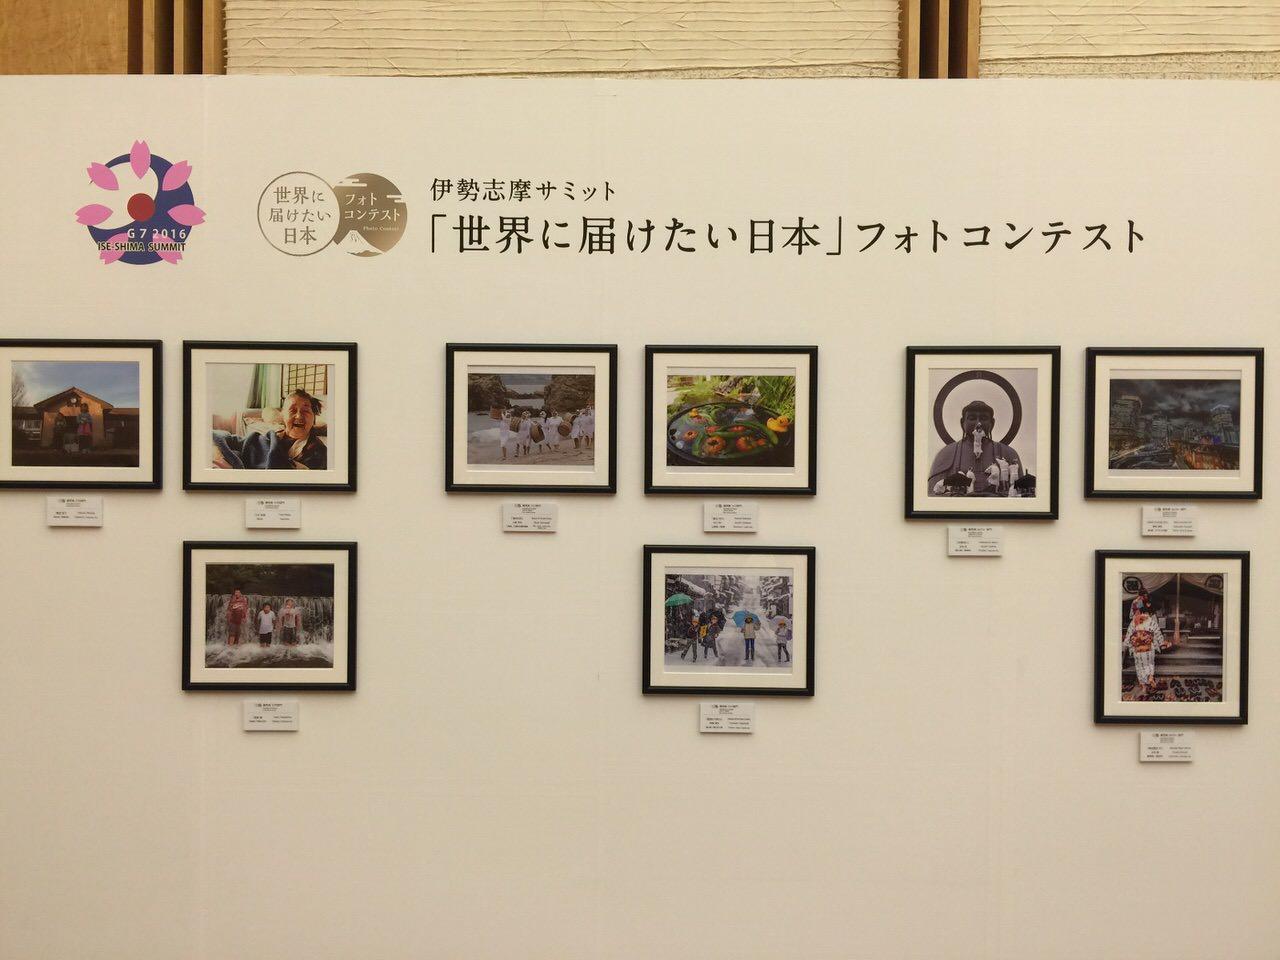 Ise shima photo contest 2448